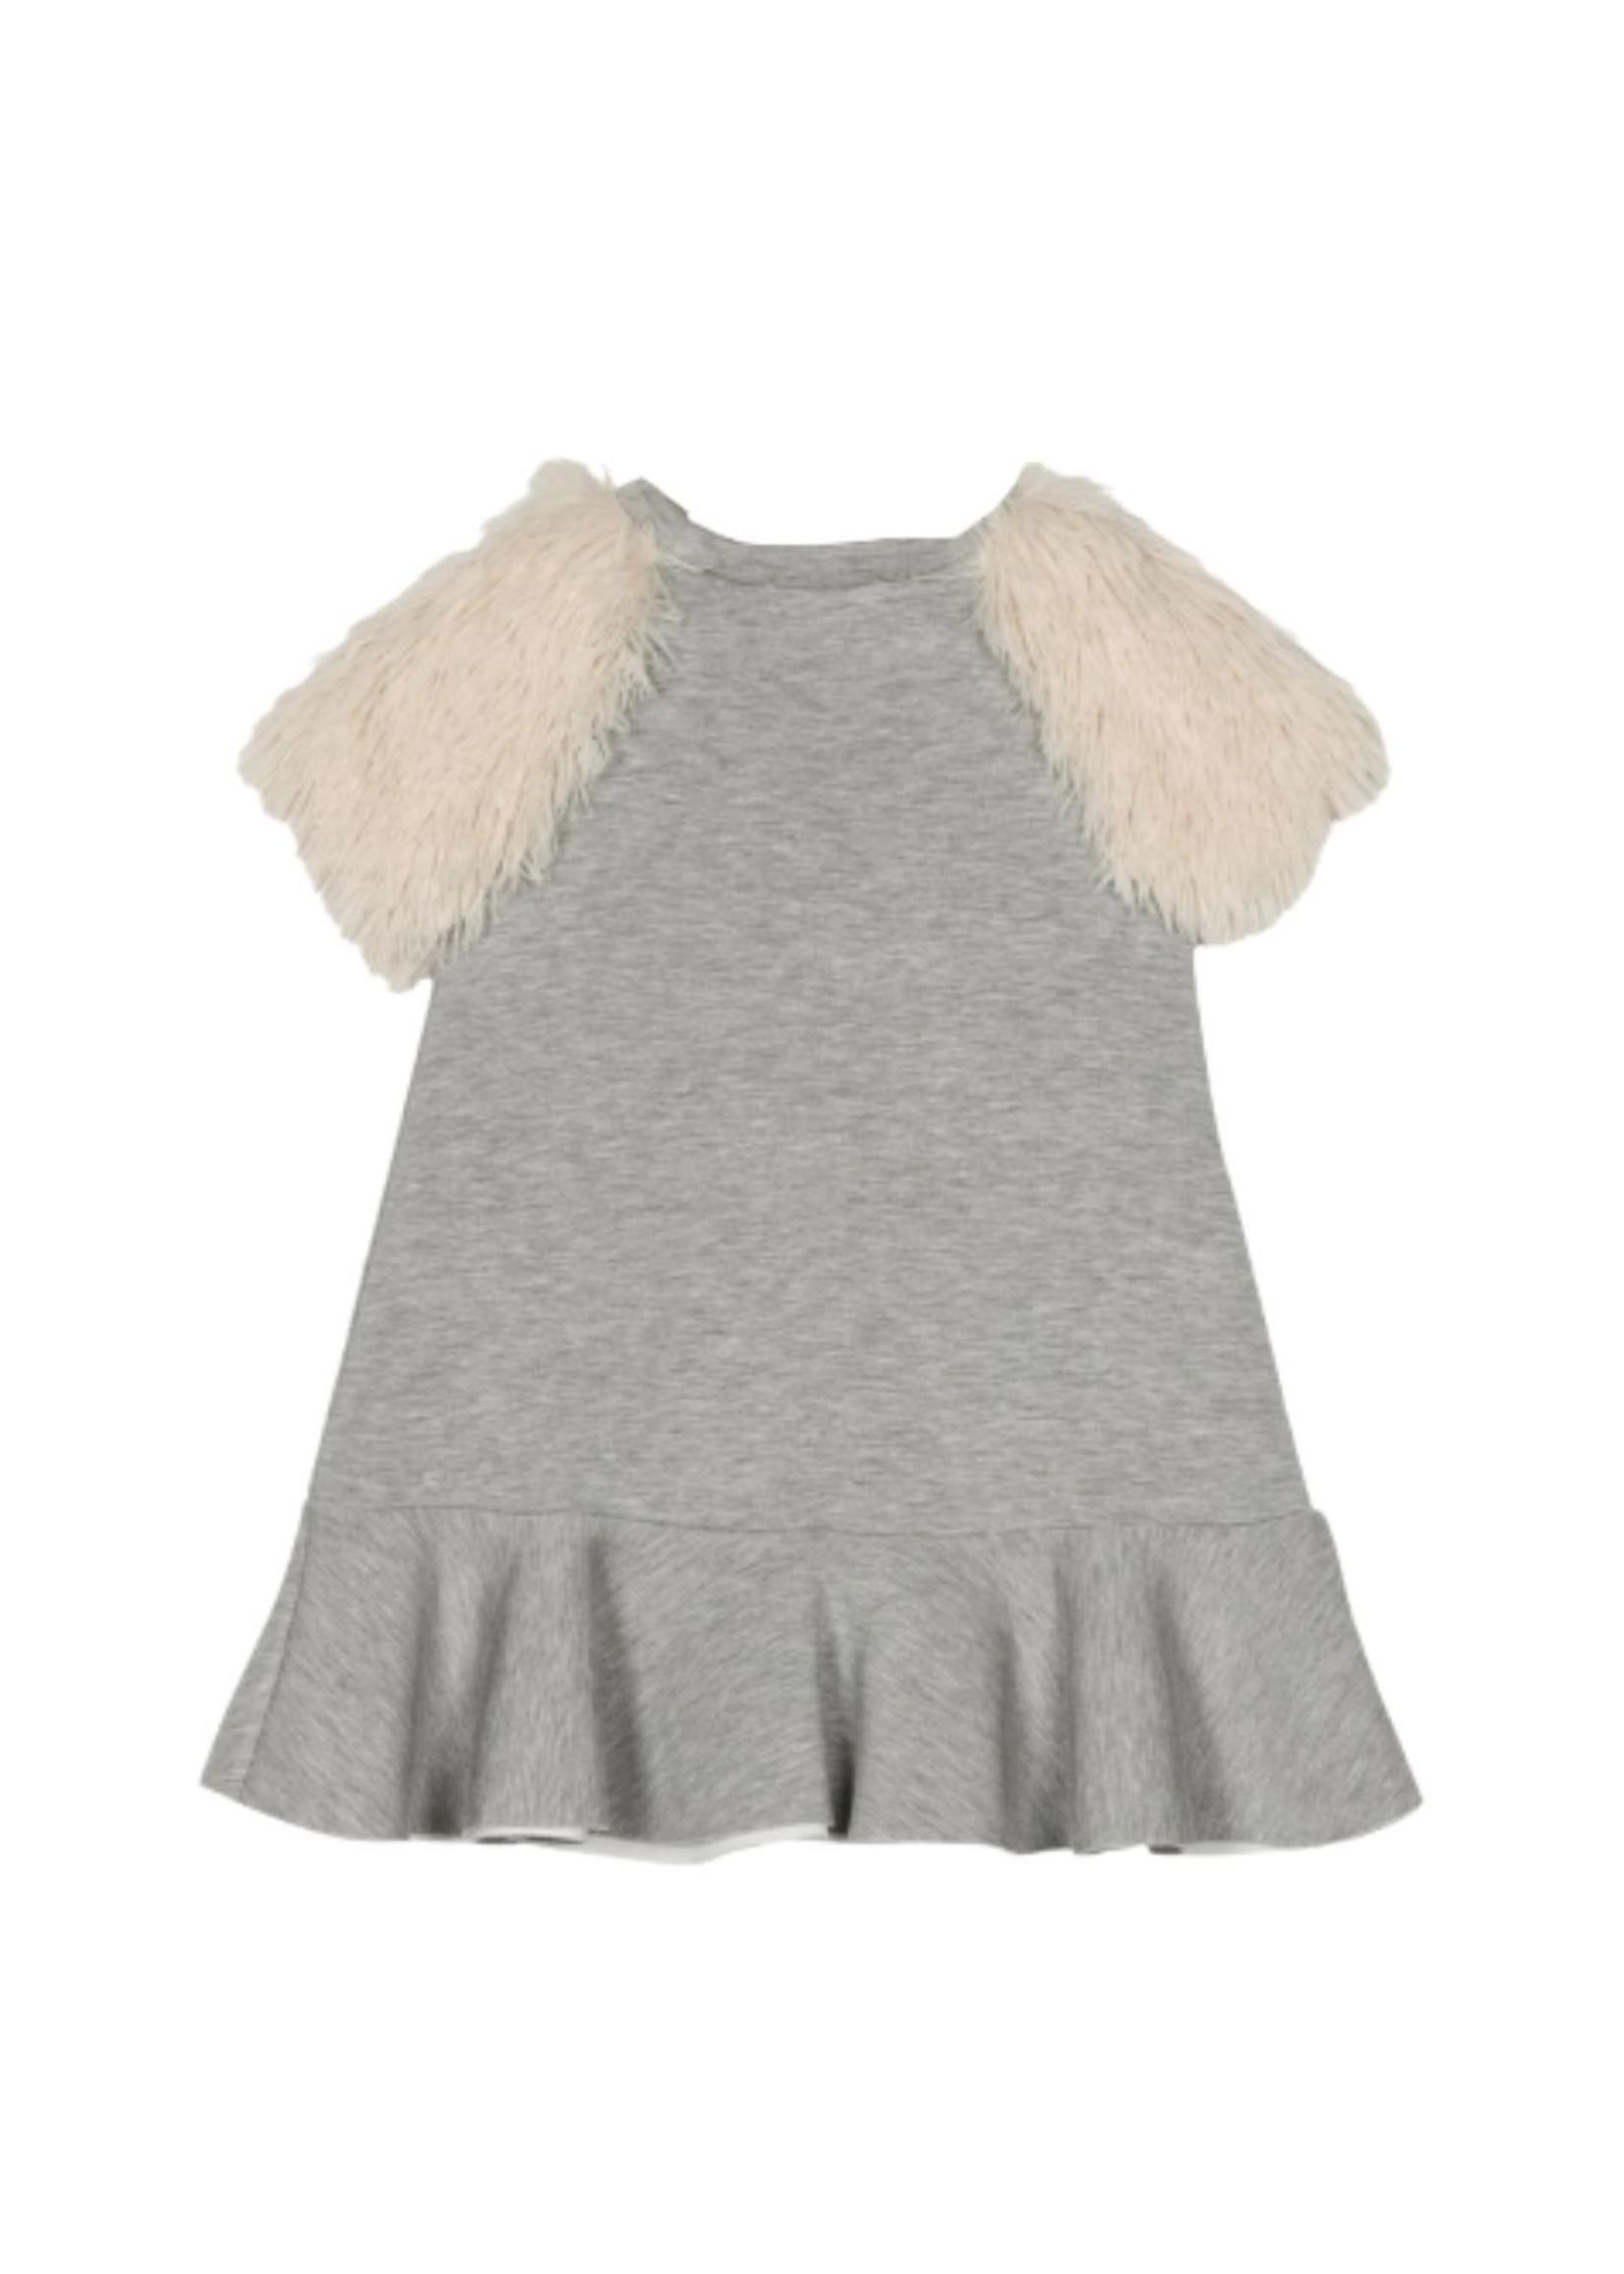 Halabaloo Halabaloo Fur Sleeve Dress